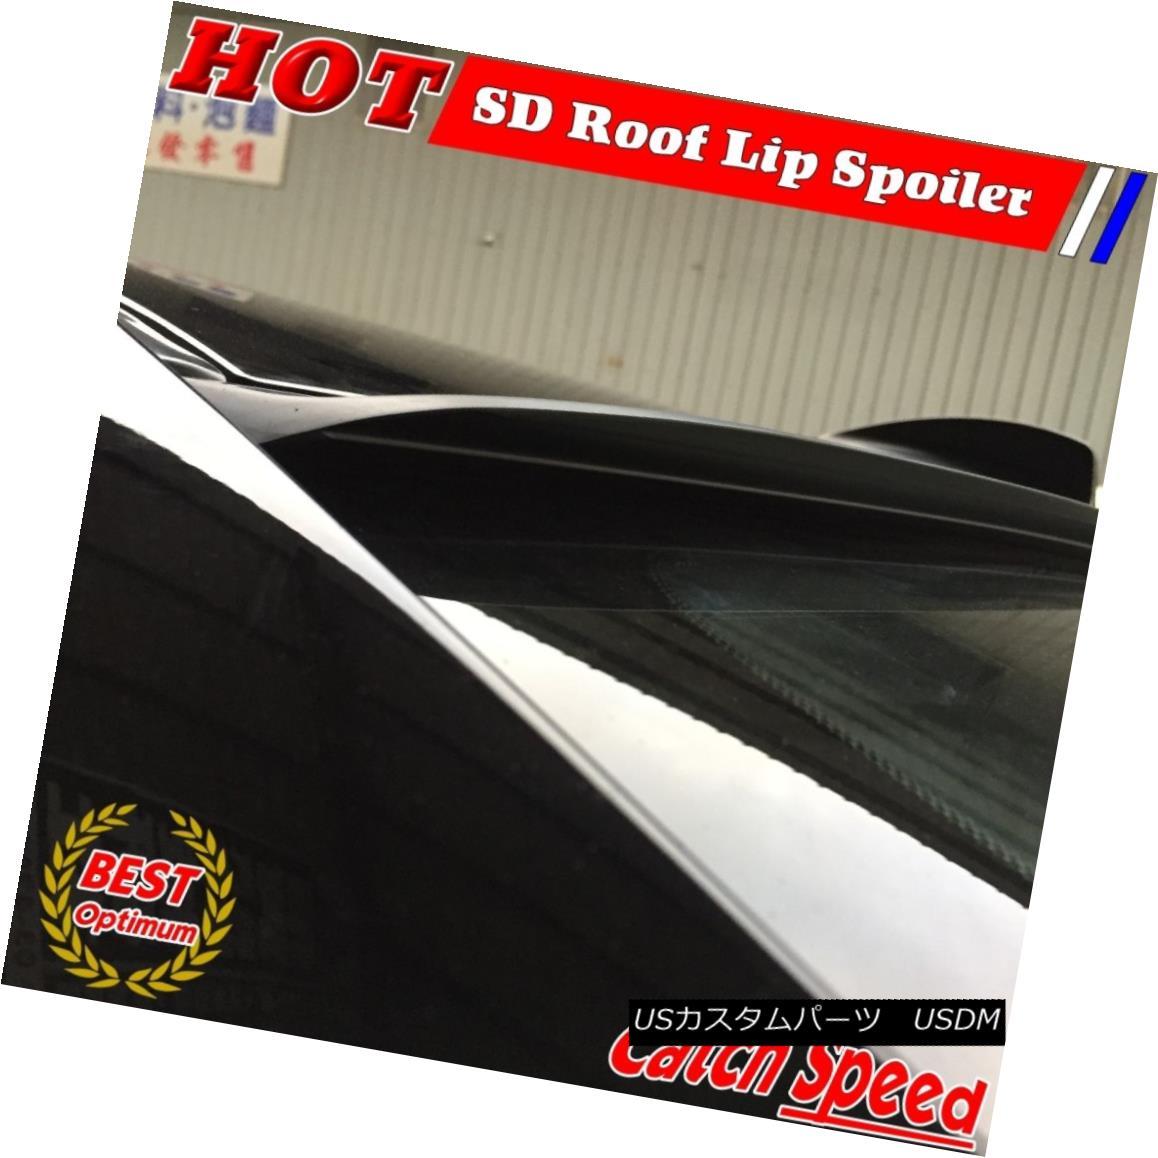 エアロパーツ Painted SD Style Rear Roof Spoiler Wing For Pontiac G8 GT GCT Sedan 2008~2009 ポンティアックG8 GT GCTセダン2008年 - 2009年に塗装されたSDスタイルのリアルーフスポイラーウイング